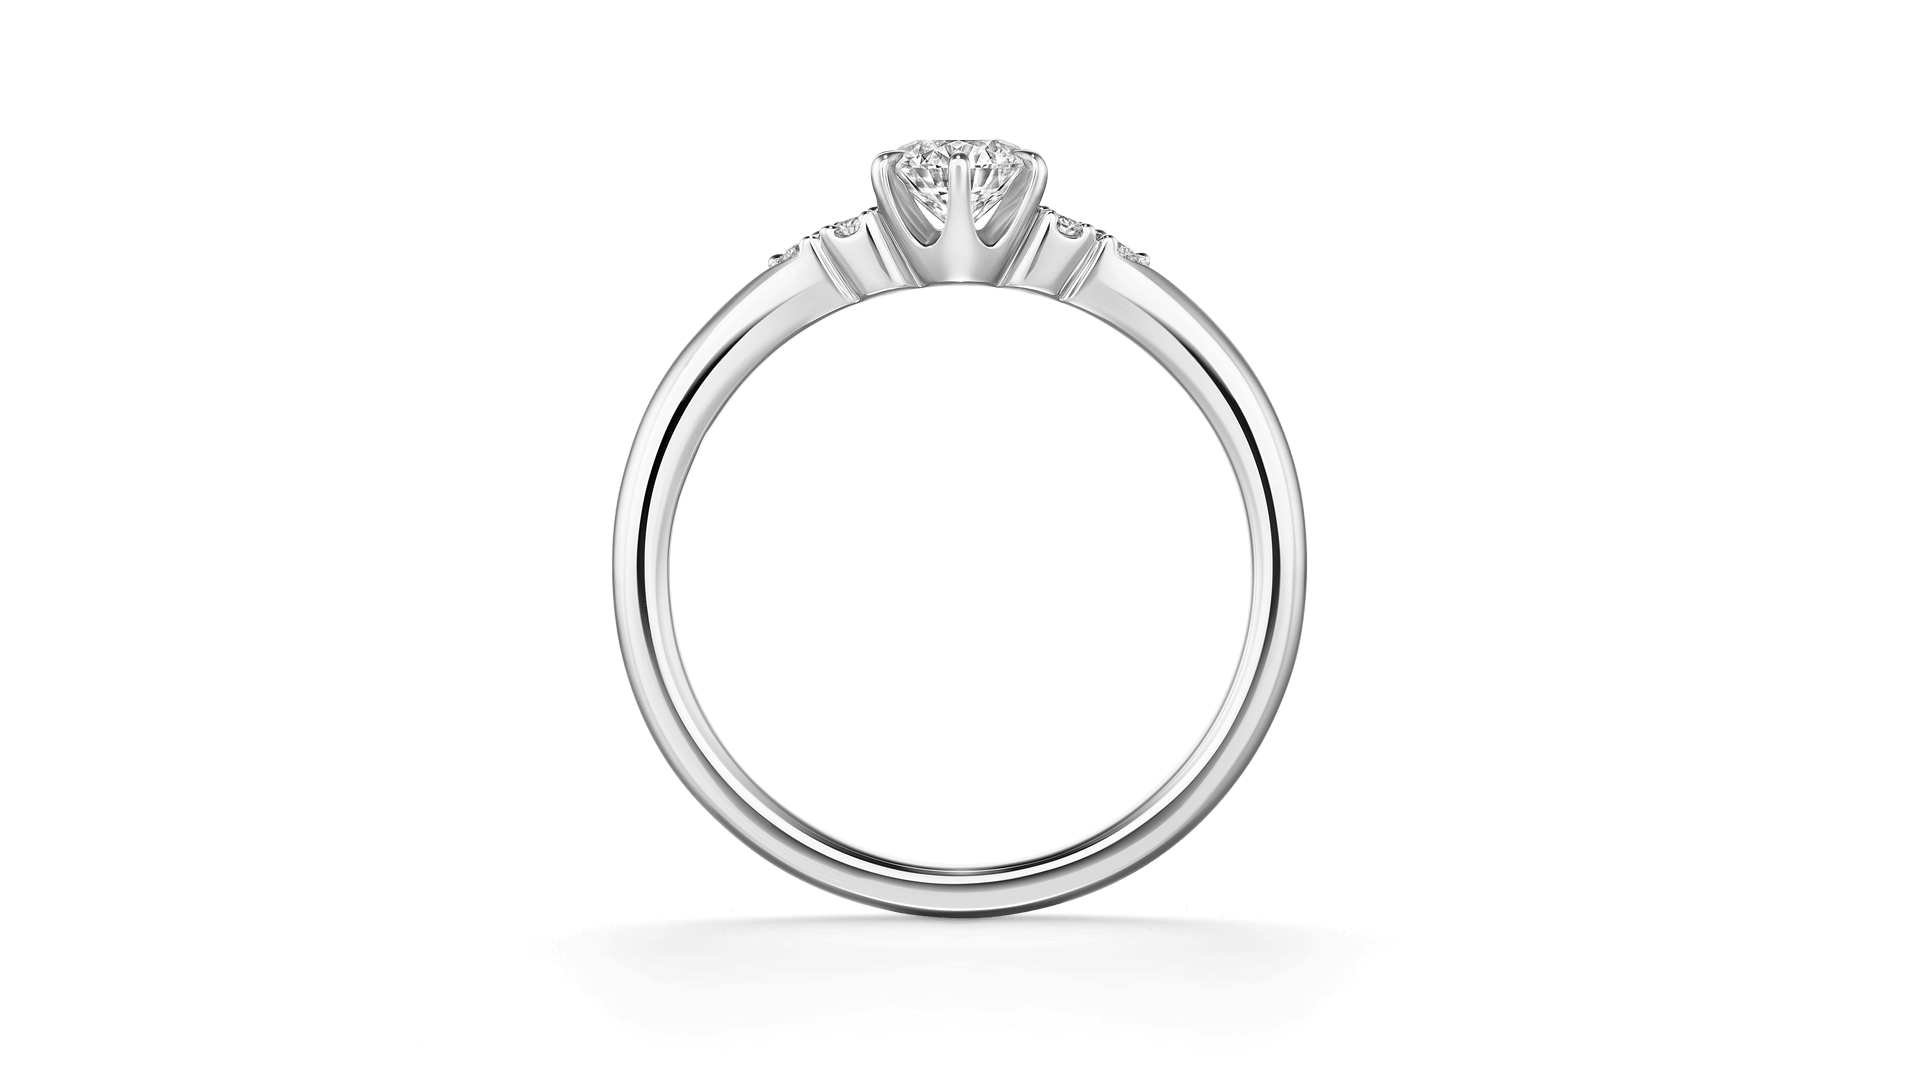 kelano ケラーノ | 婚約指輪サムネイル 2